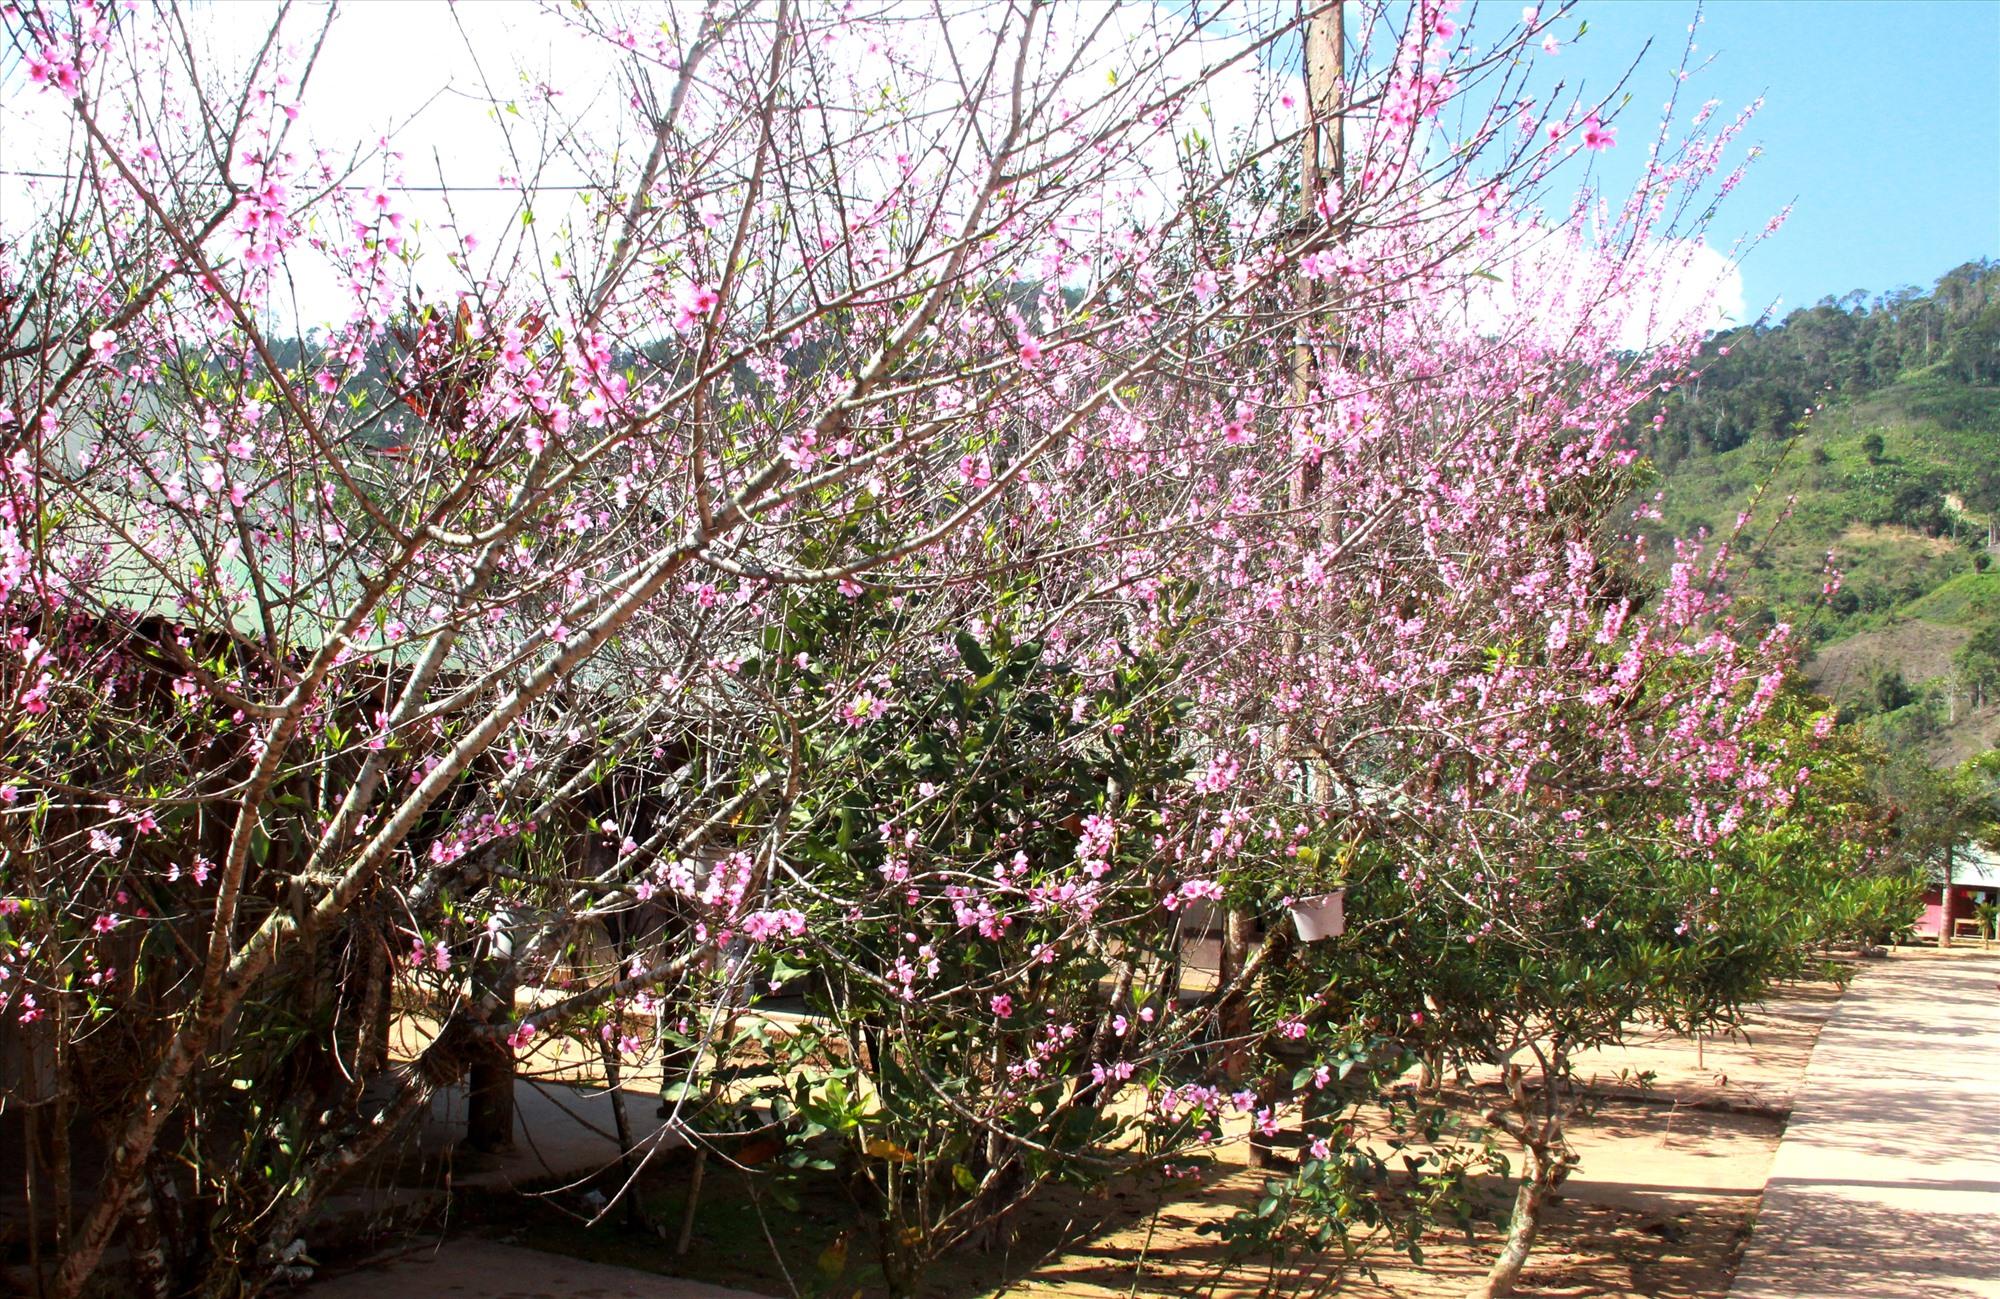 """Sau nhiều năm trồng """"thử nghiệm"""" thành công, bà con Cơ Tu bắt đầu mở rông vườn hoa dọc theo tuyến đường bê tông nông thôn về làng. Ảnh: Đ.N"""